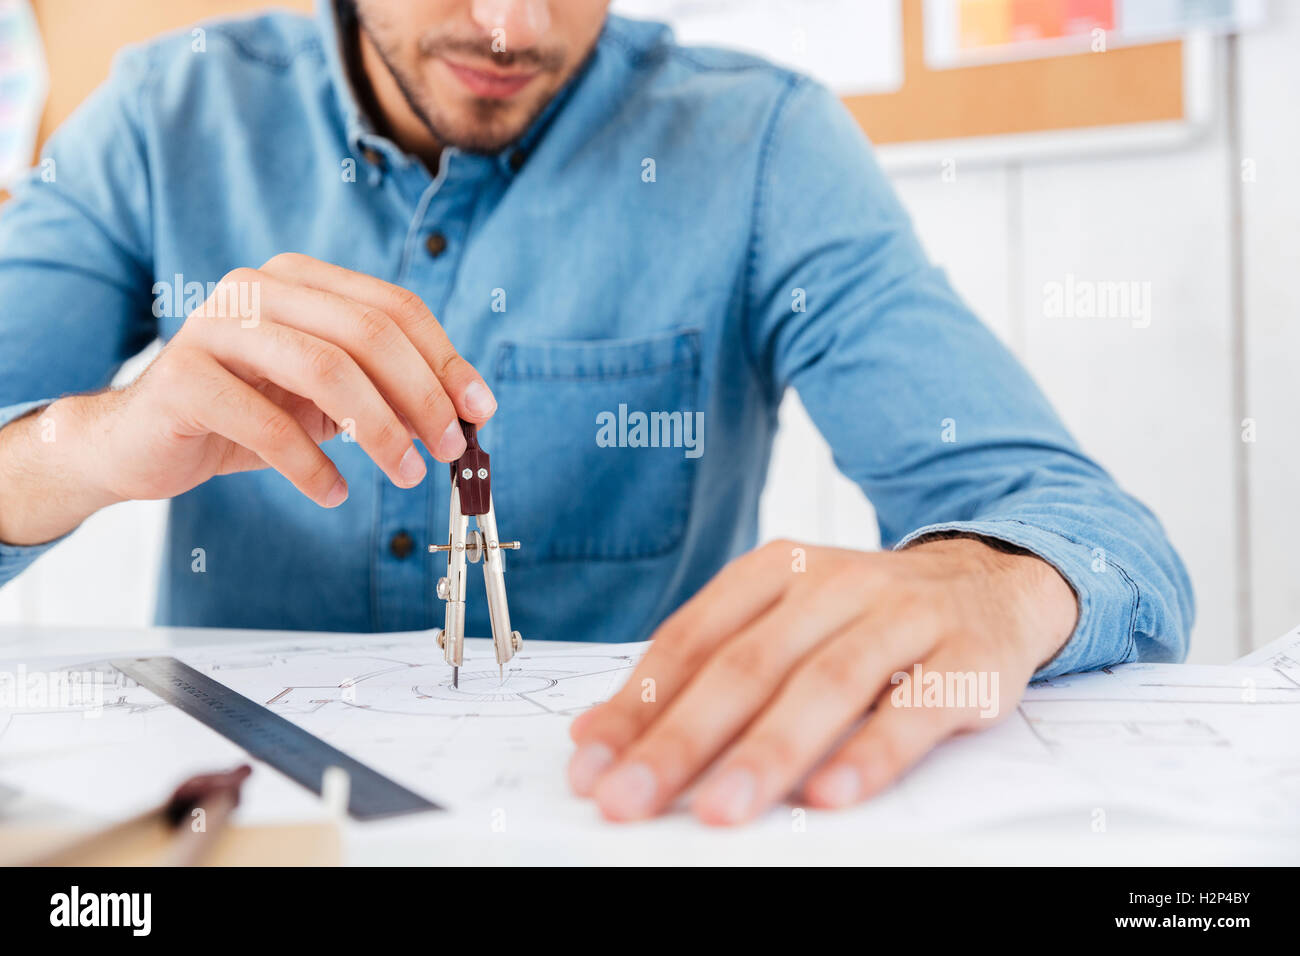 Bild eines Architekten arbeiten am Bau Blaupause im Büro mit Teiler im Büro beschnitten Stockbild